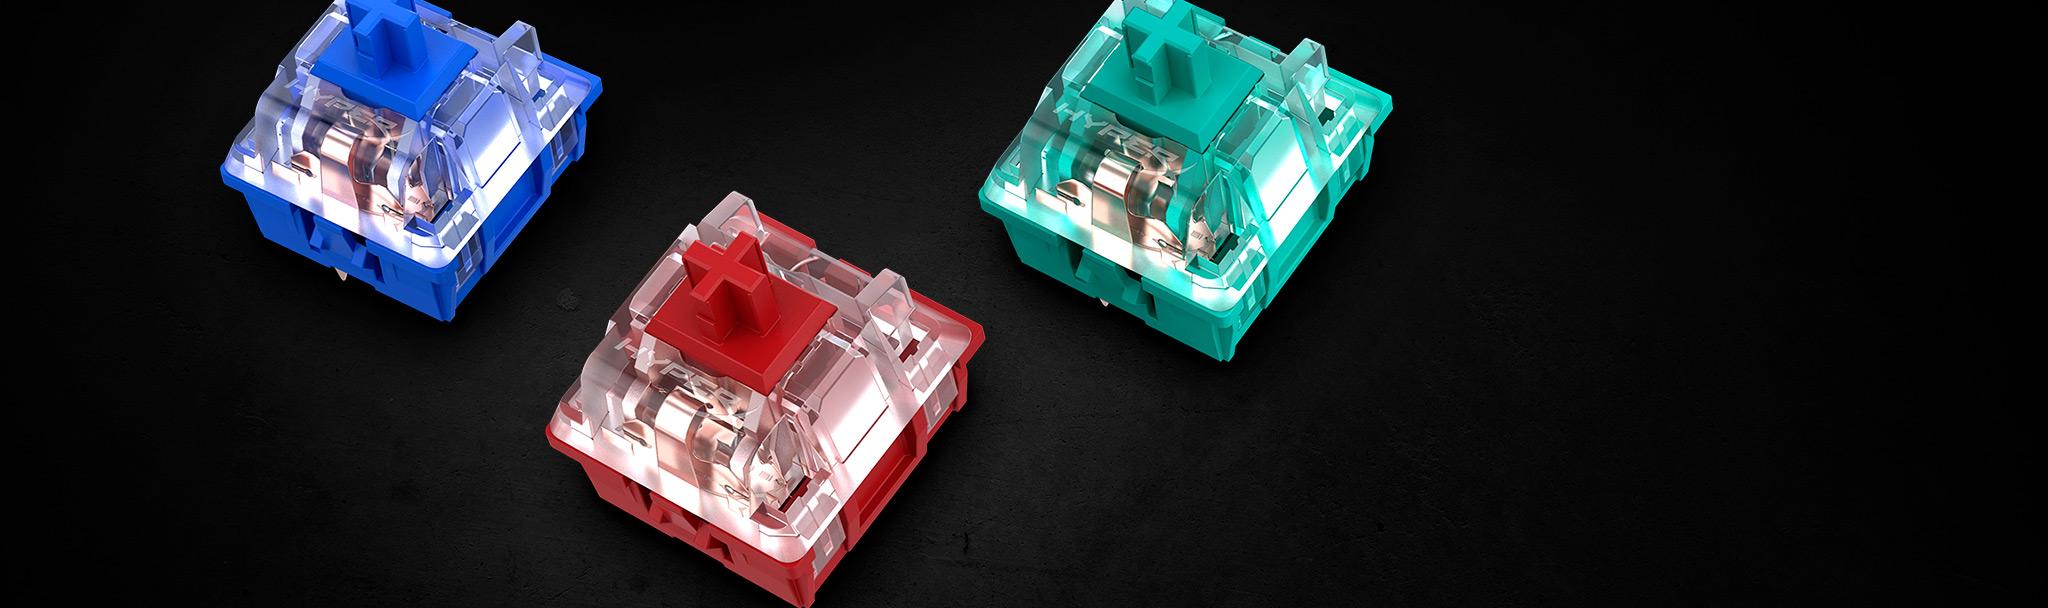 Bàn phím cơ KINGSTON HYPERX ALLOY ORIGINS Red Switch RGB (HX-KB6RDX-US) sử dụng công tác phím độc quyền của HyperX